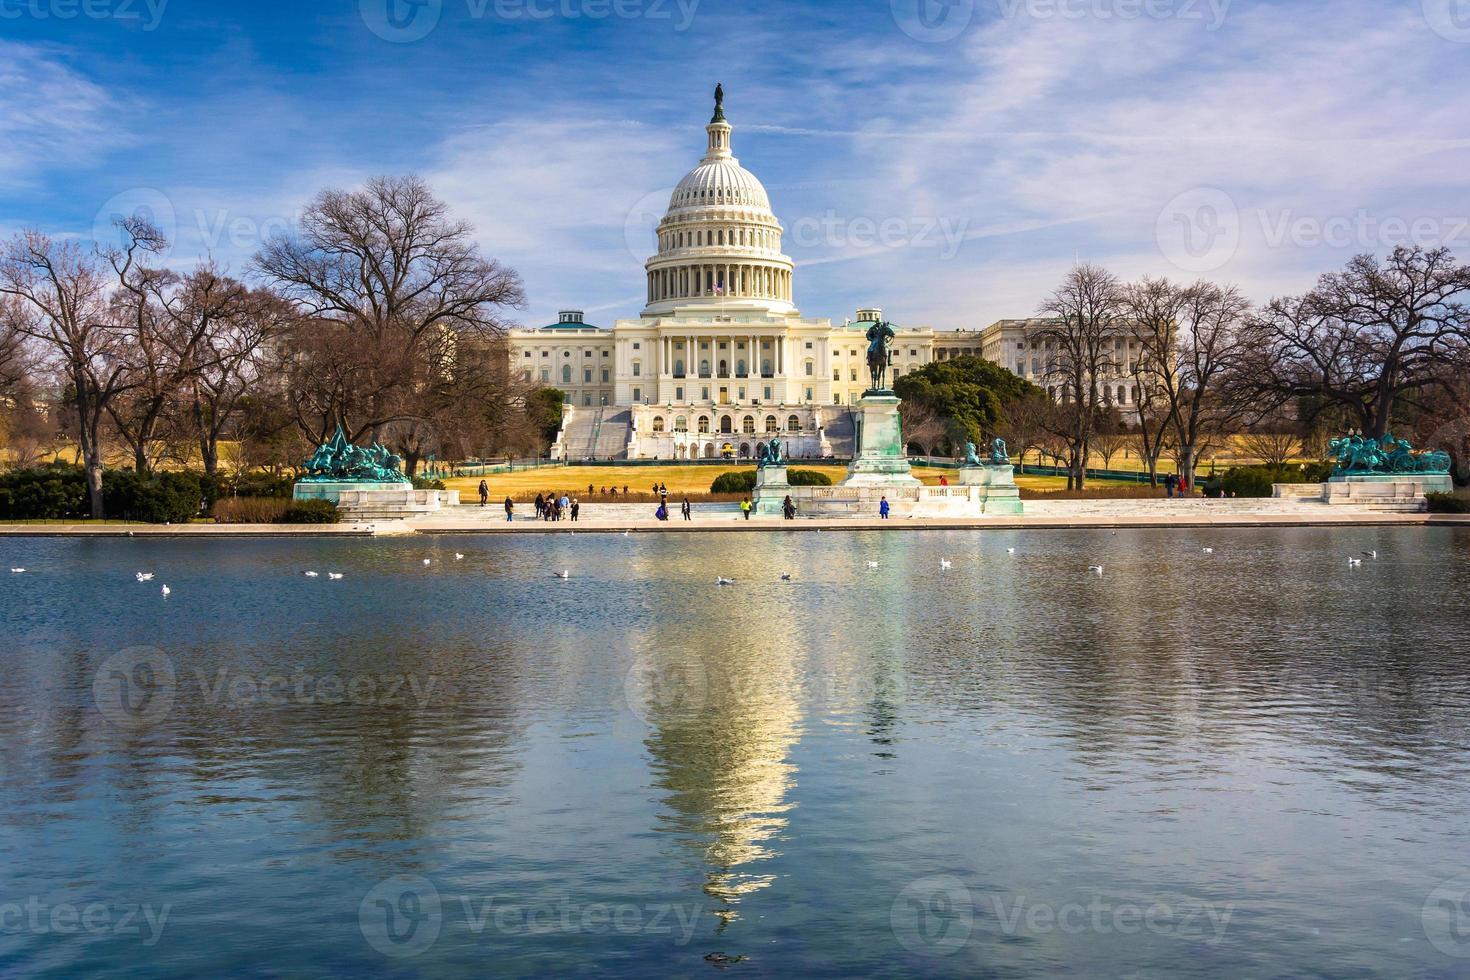 die Hauptstadt der Vereinigten Staaten und der reflektierende Pool in Washington, DC. foto